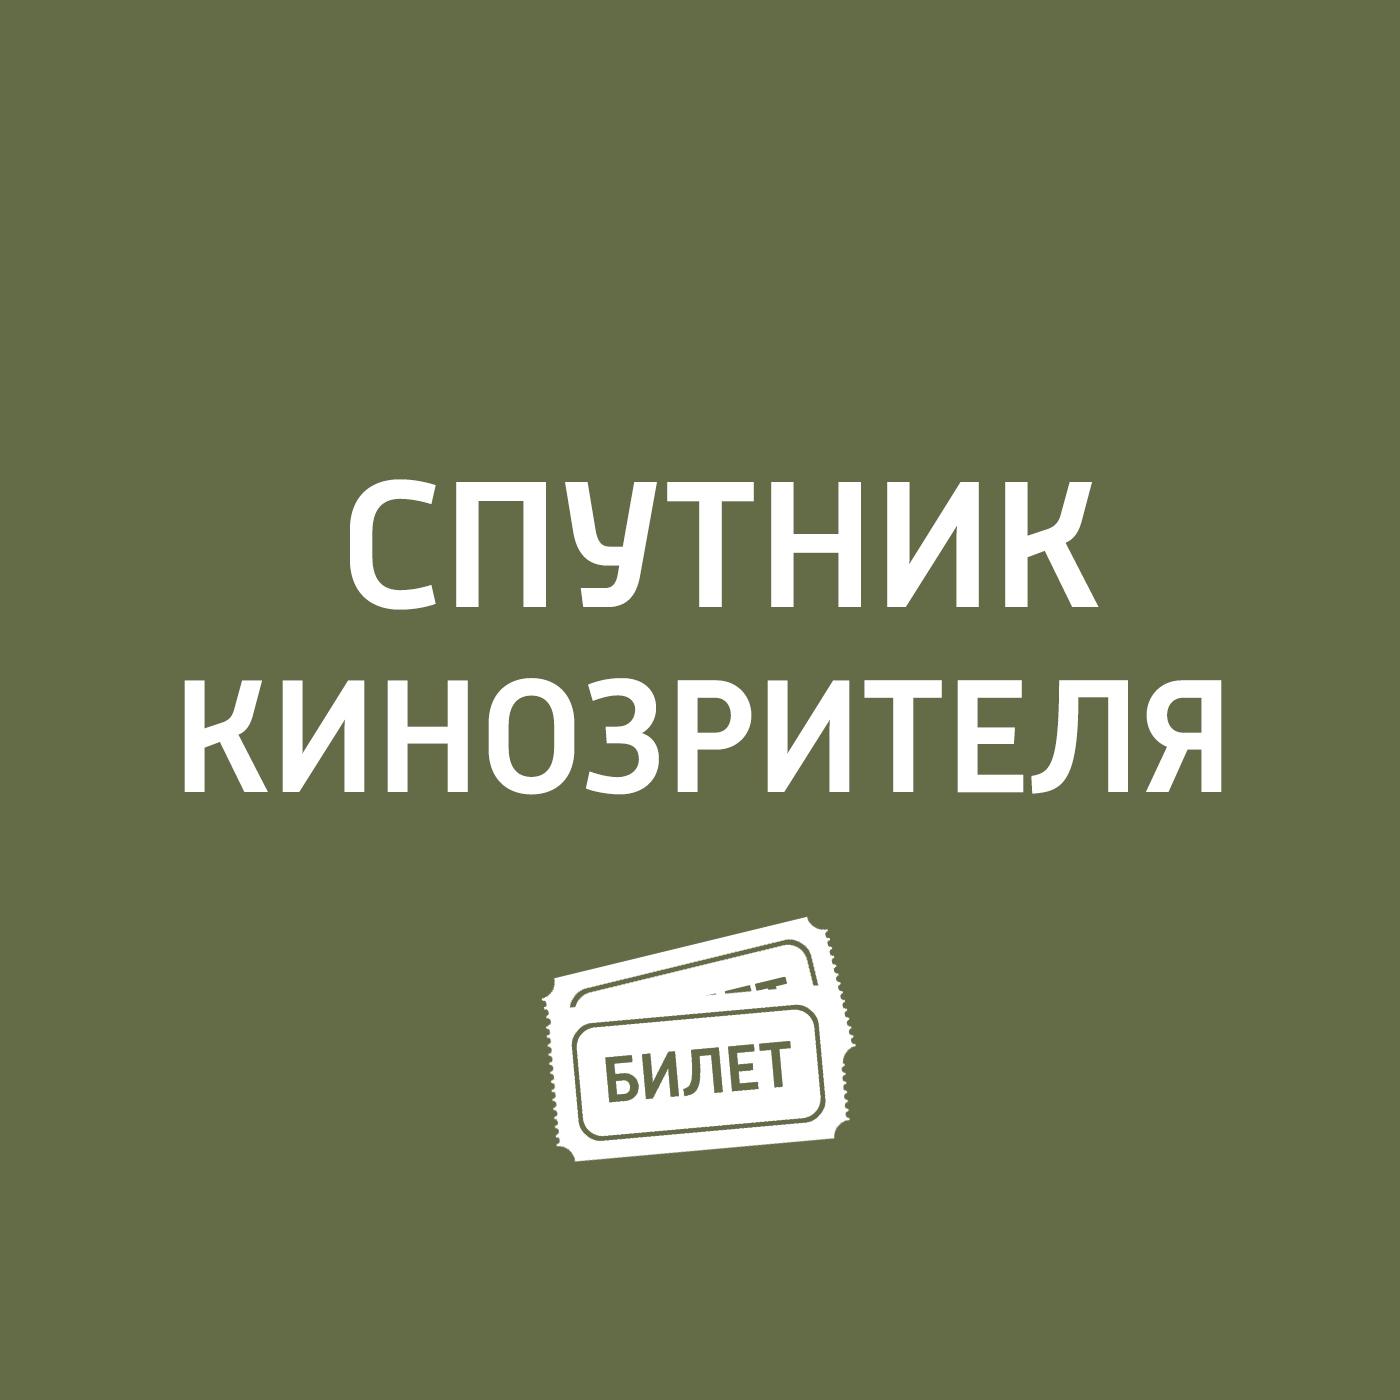 Антон Долин Московский кинофестиваль